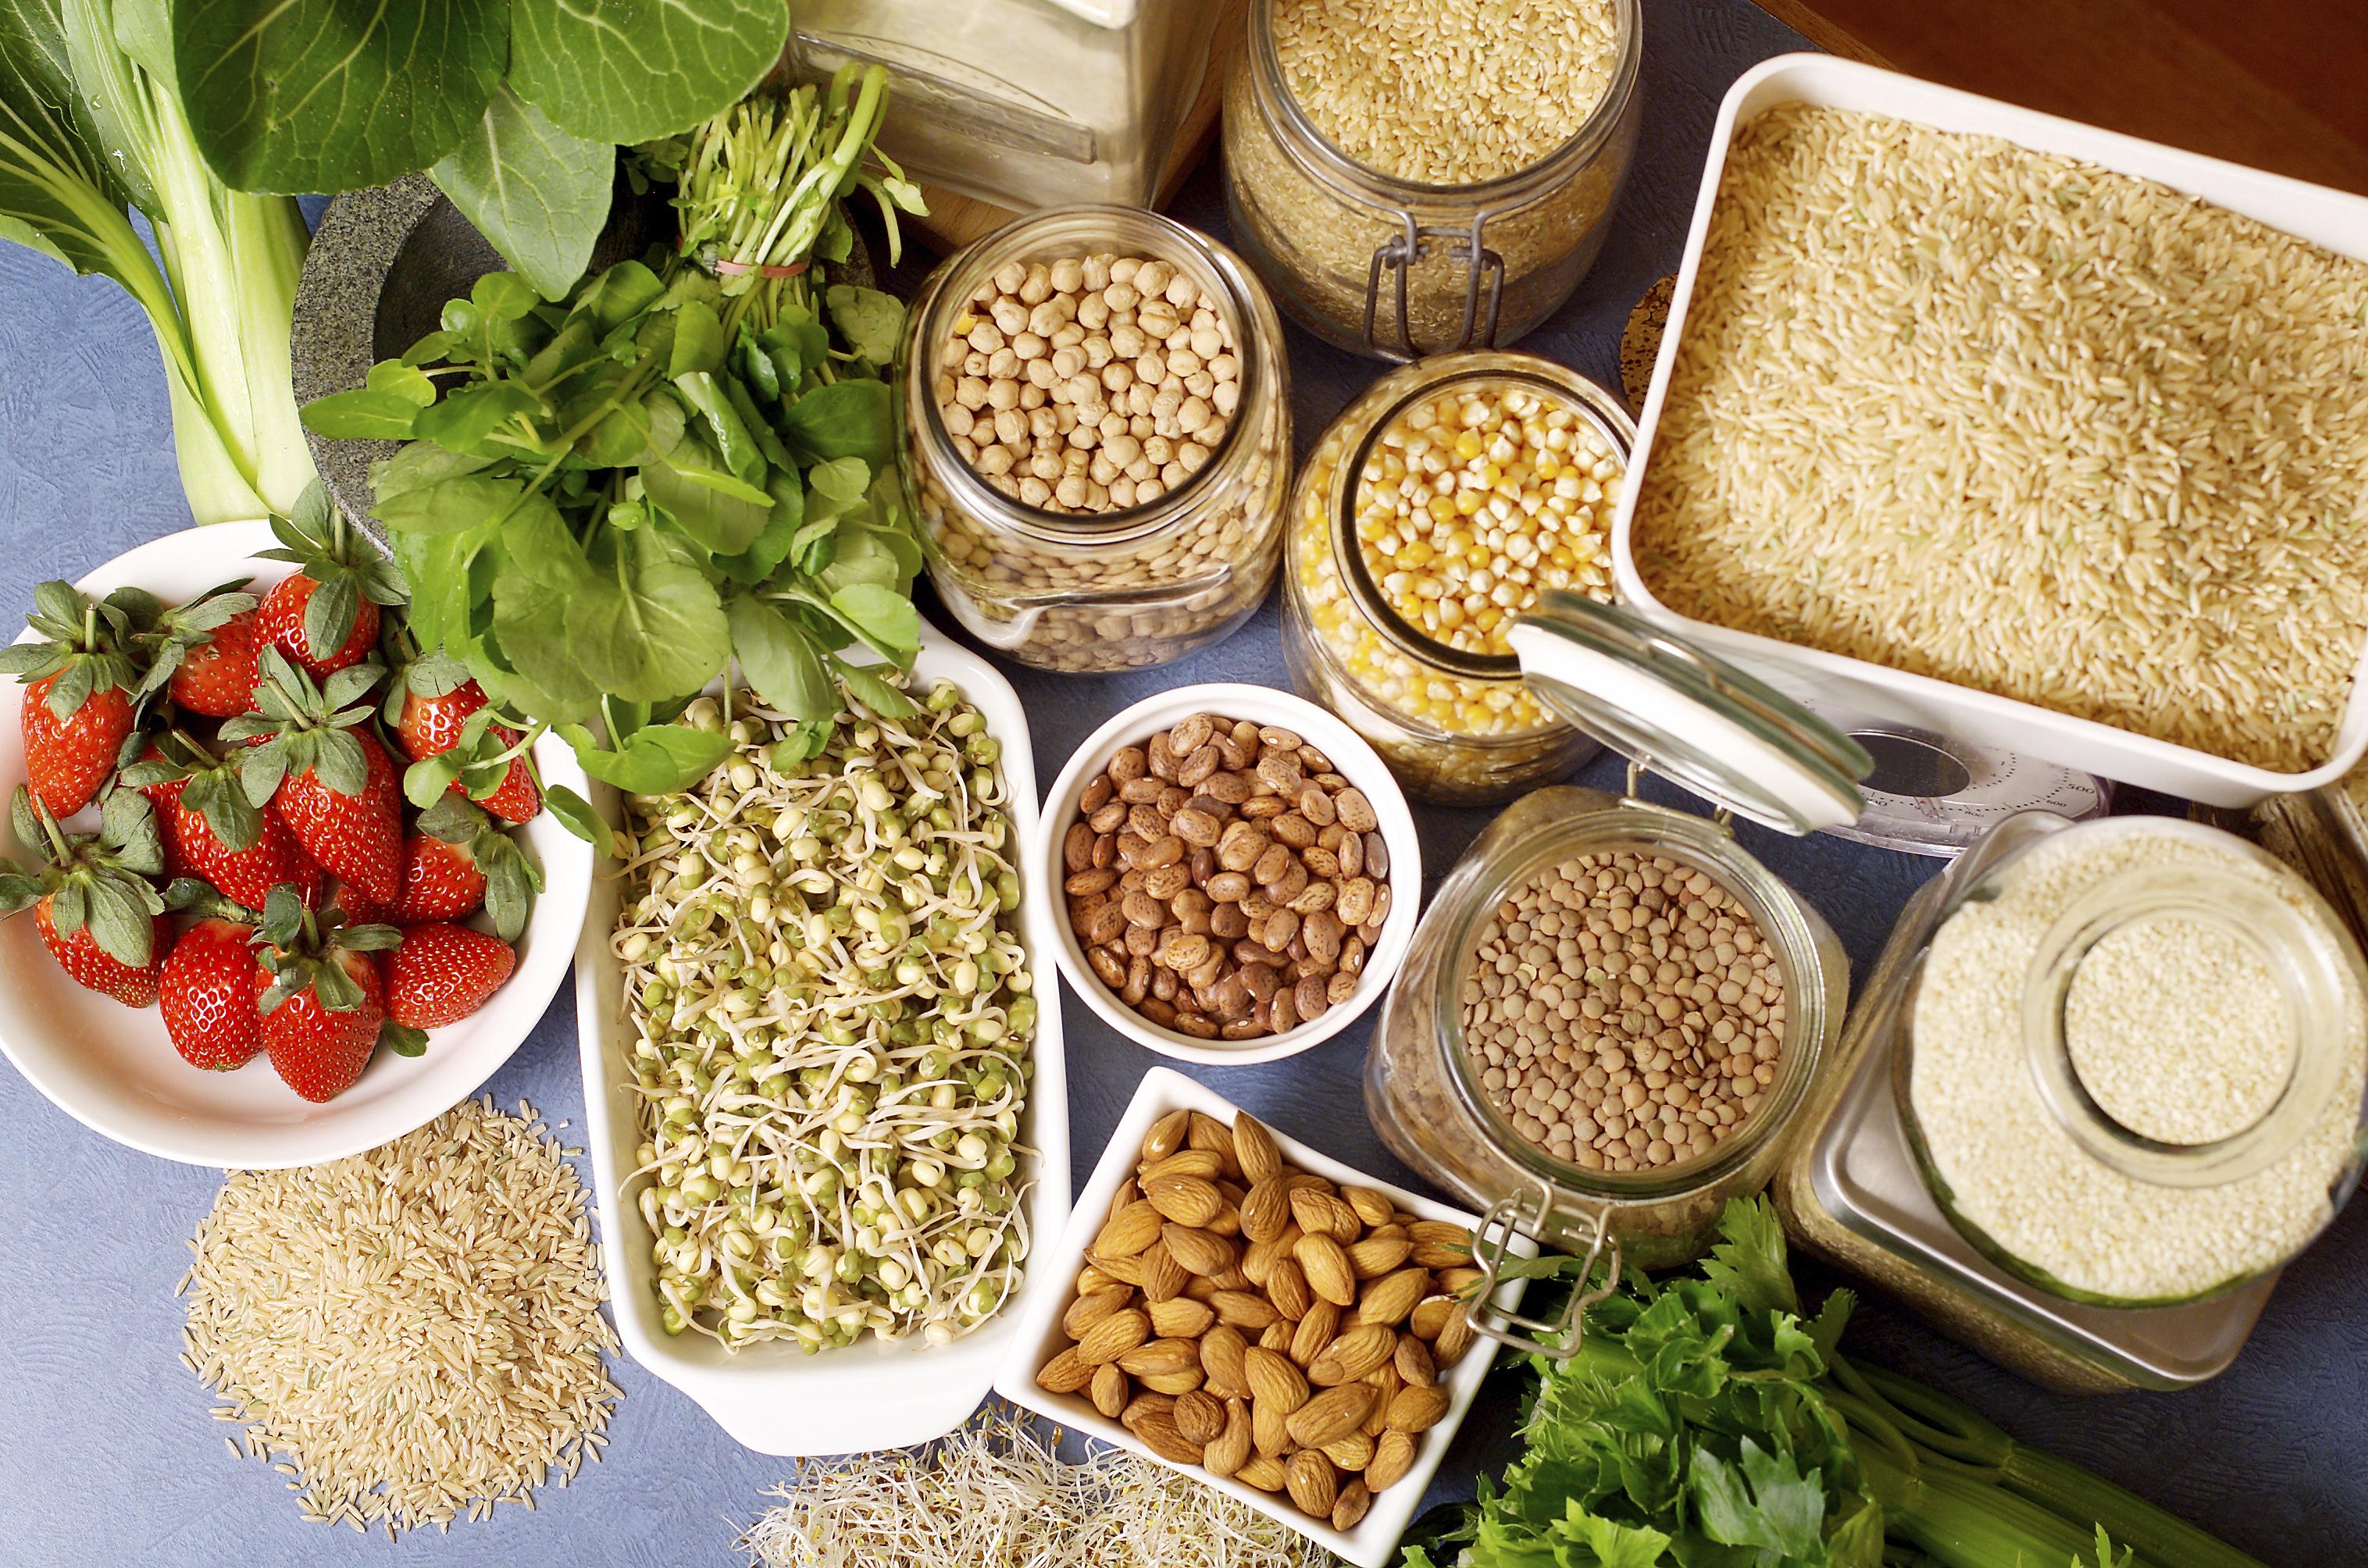 come mangiare sano ed economico